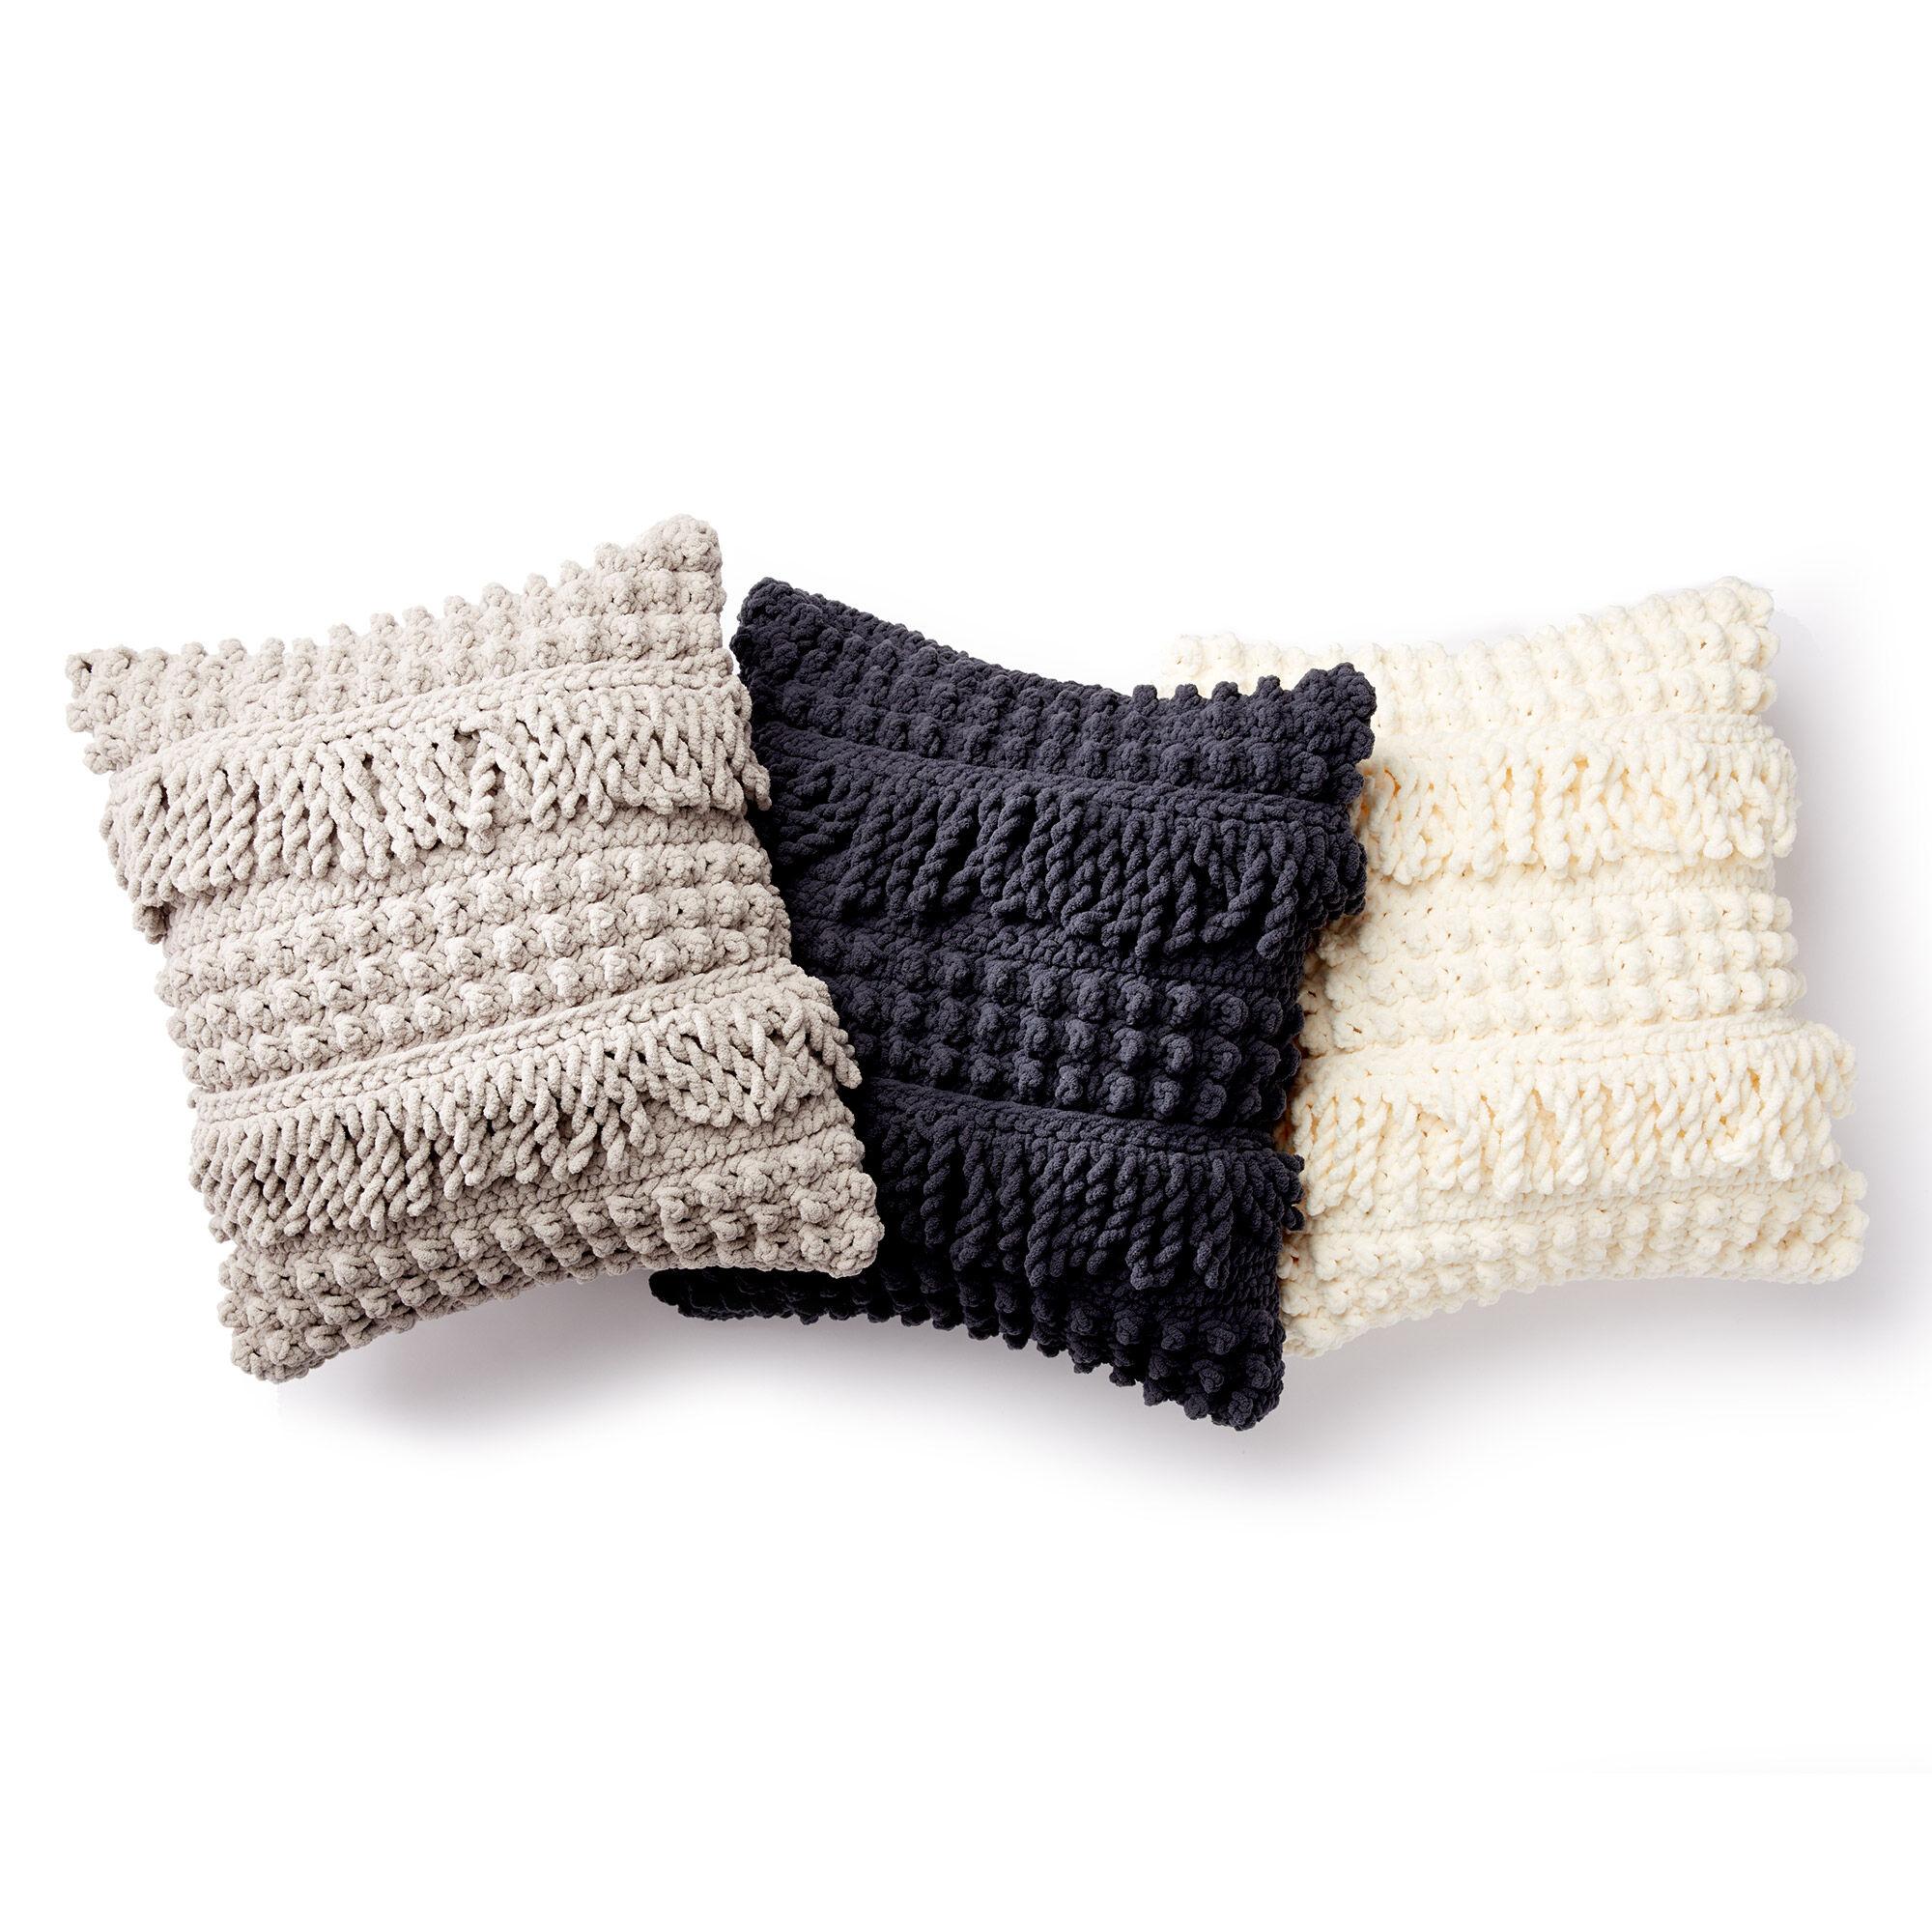 Bernat Bobble and Fringe Crochet Pillow, White | Yarnspirations